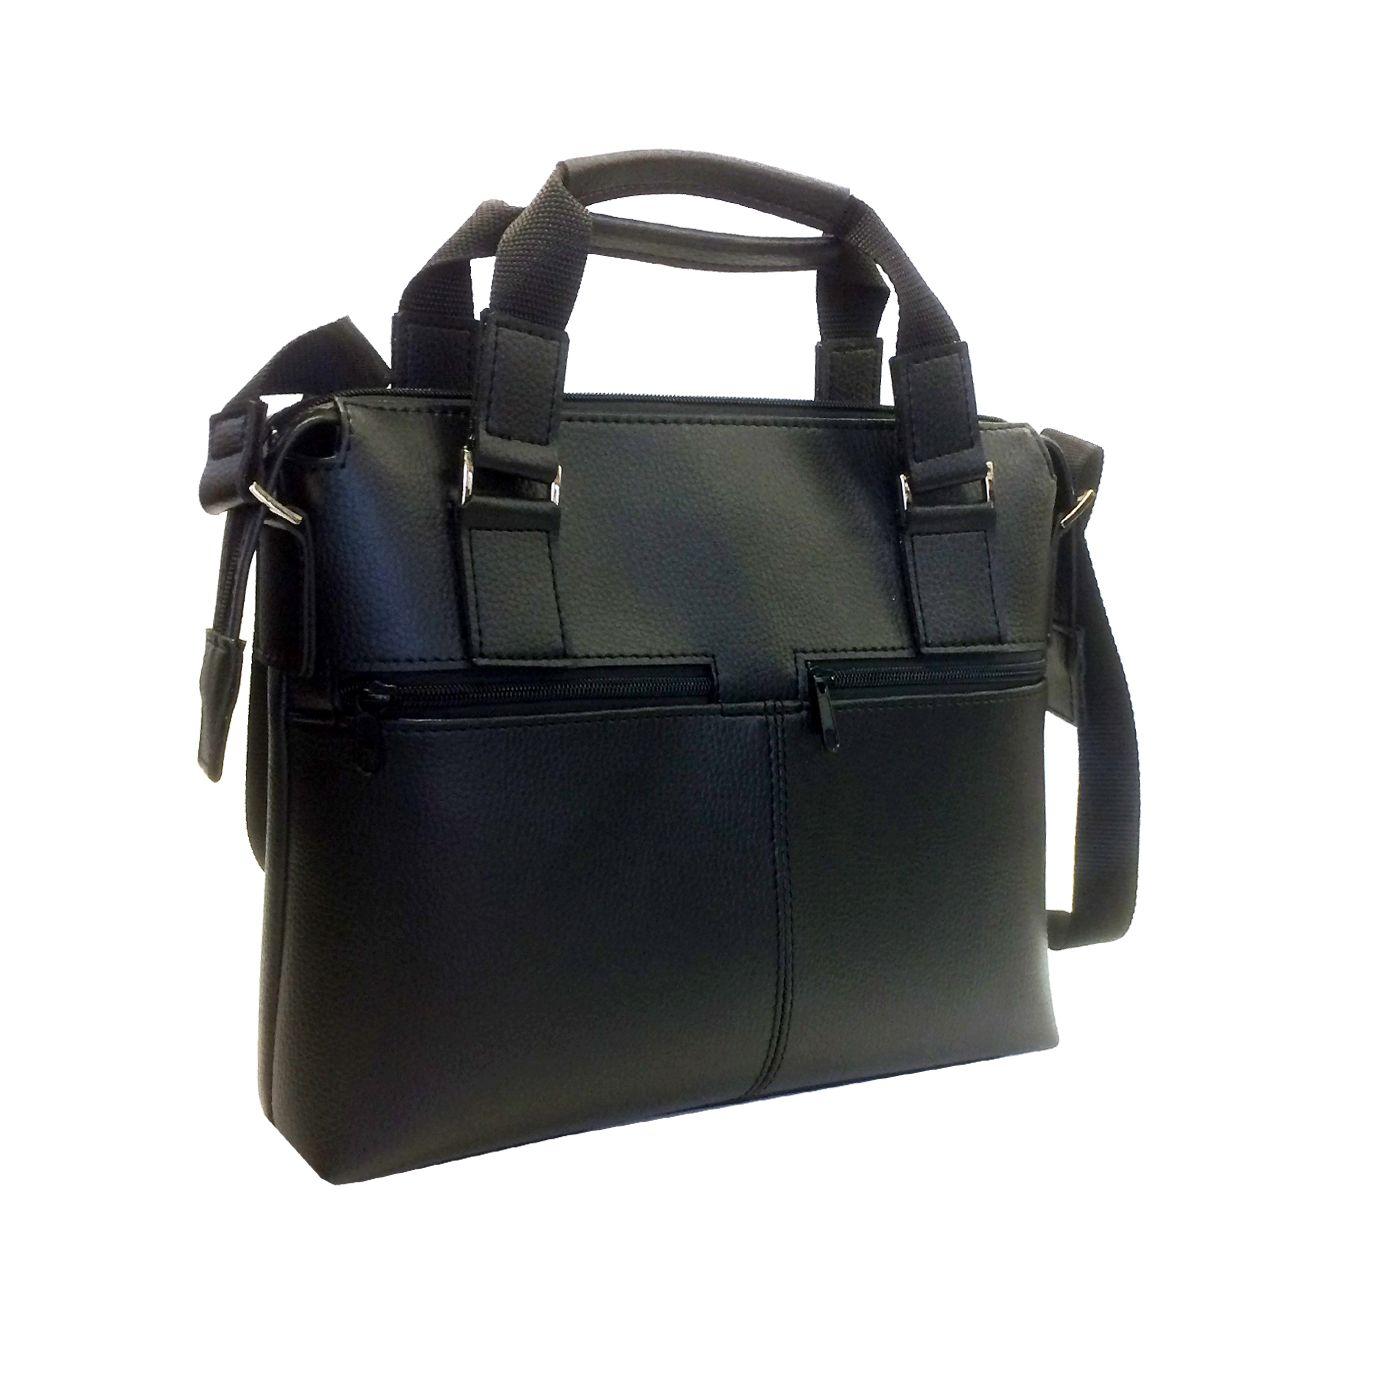 eb81105302 Taška-na-laptop-ponúka-odolný-nastaviteľný-remeň-ktorý-